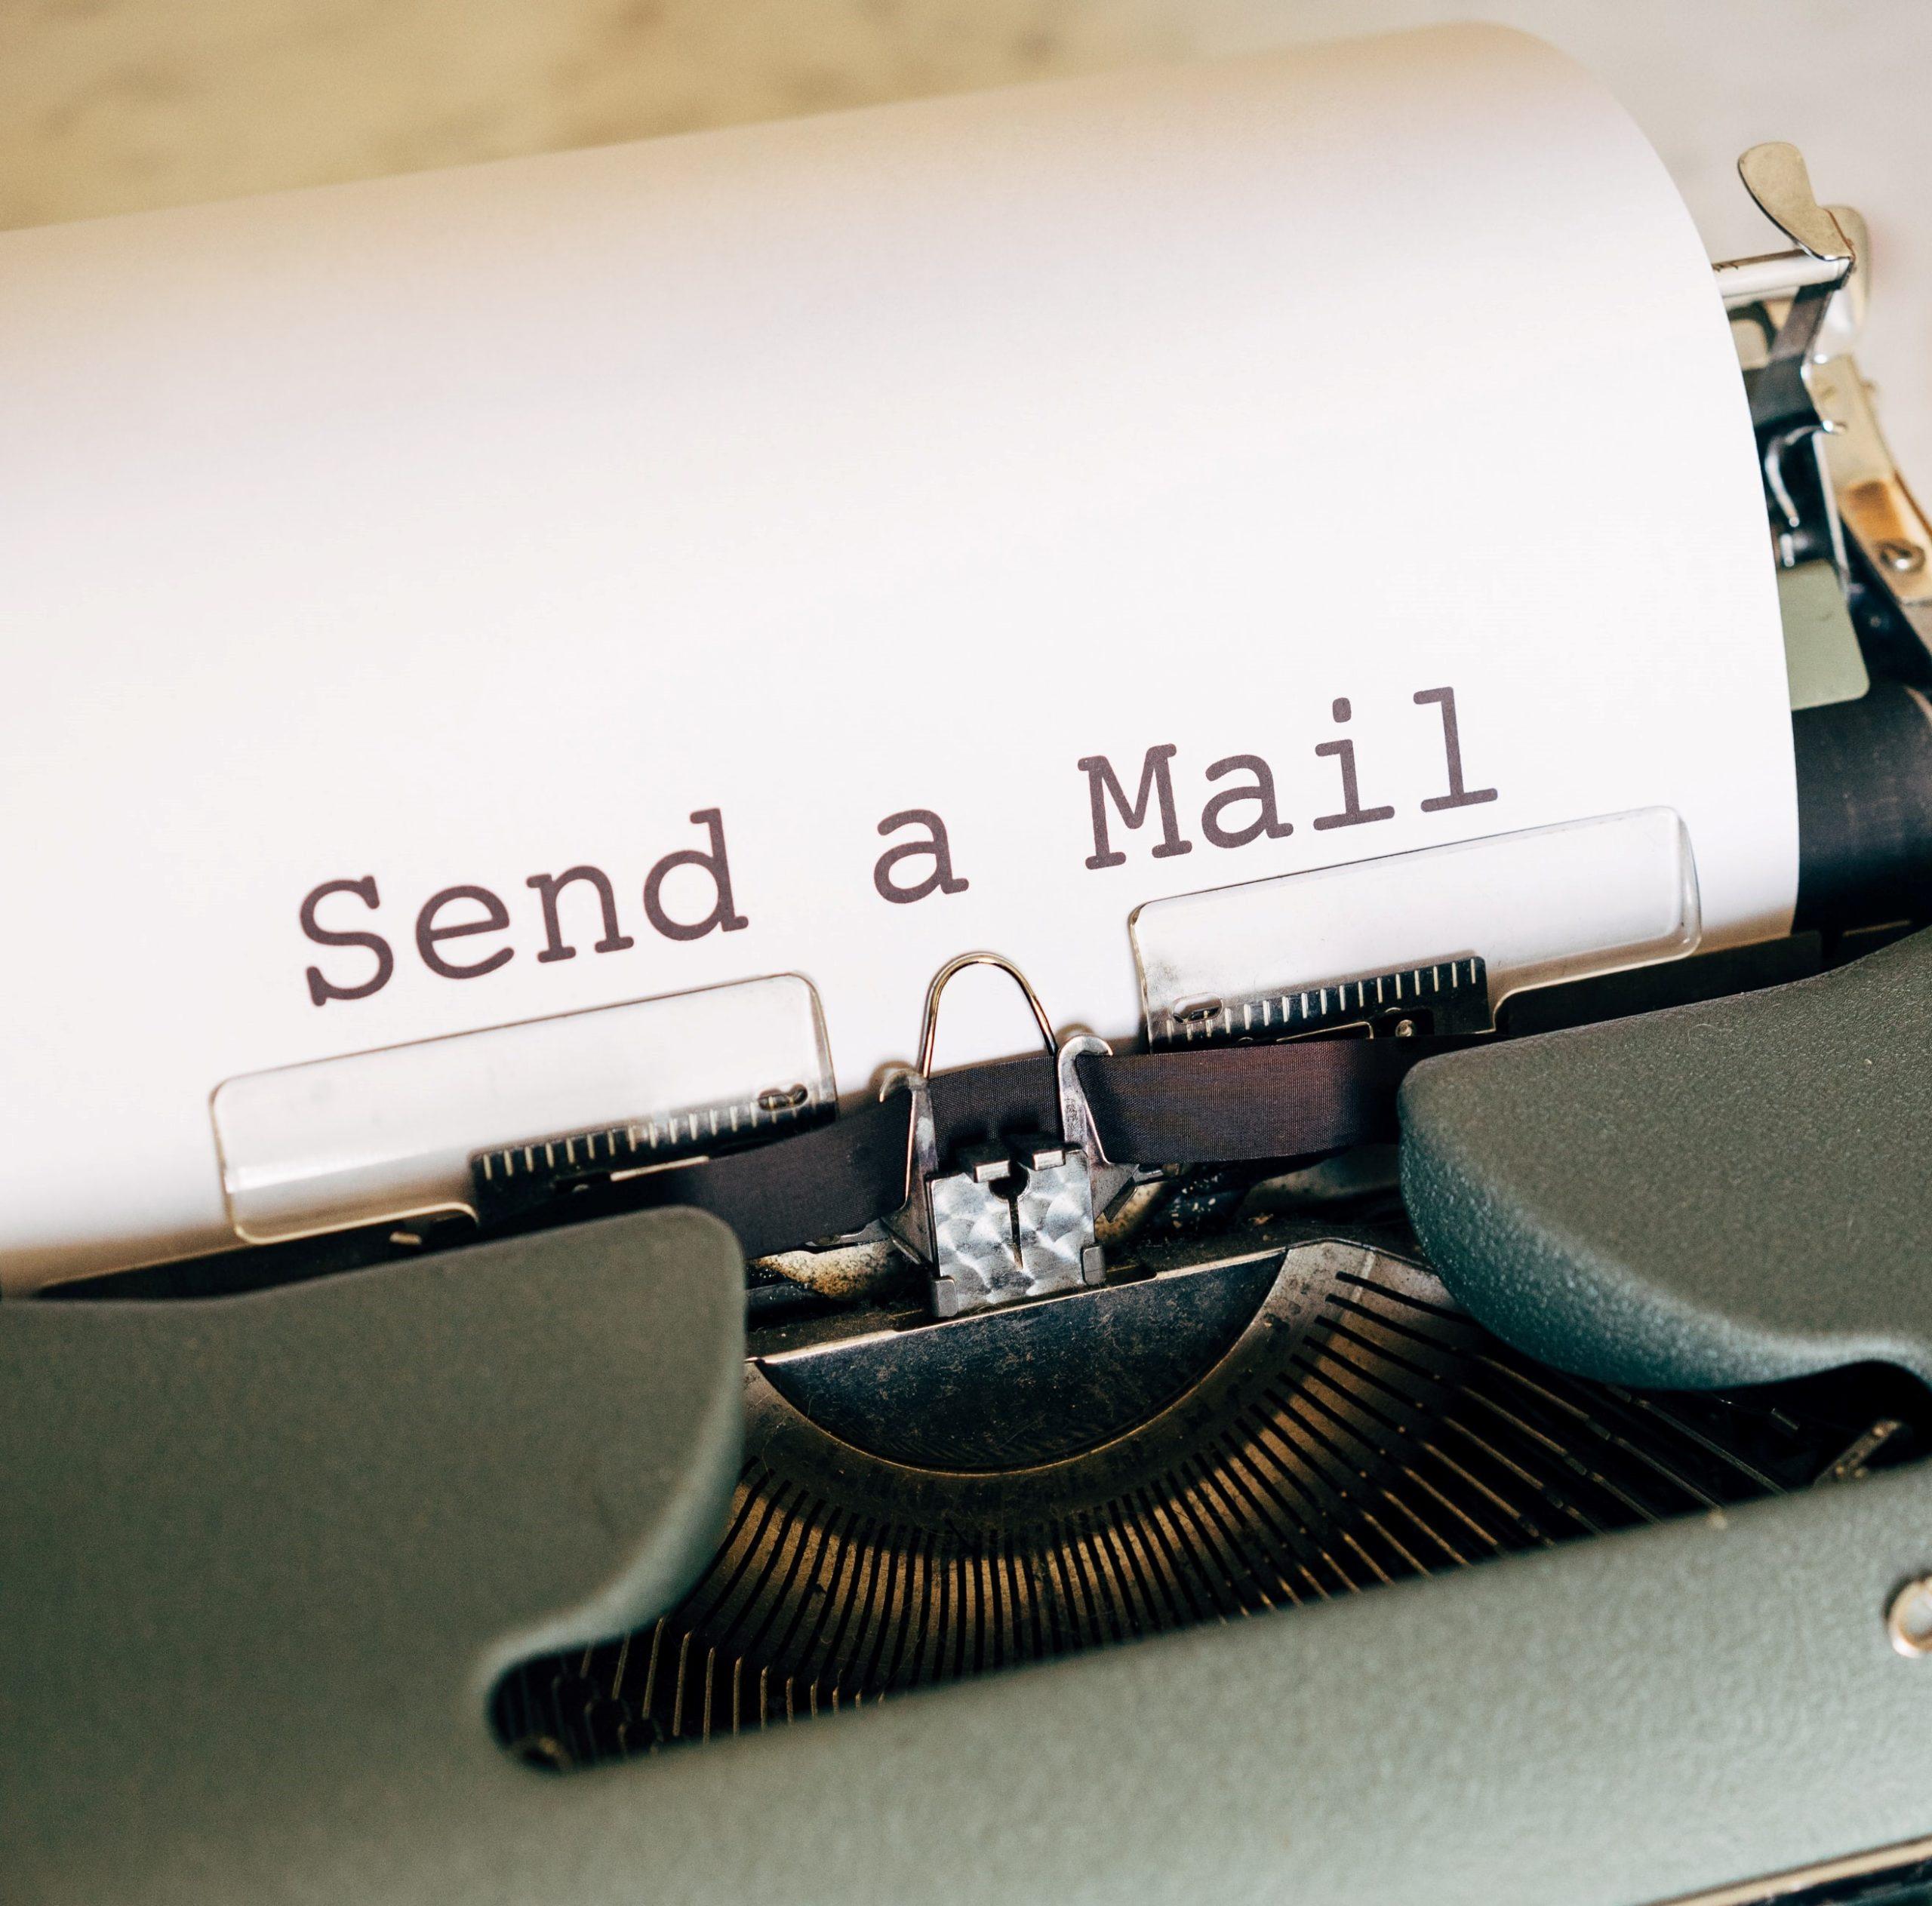 Gli spunti migliori: cosa puoi imparare dalle newsletter che convertono